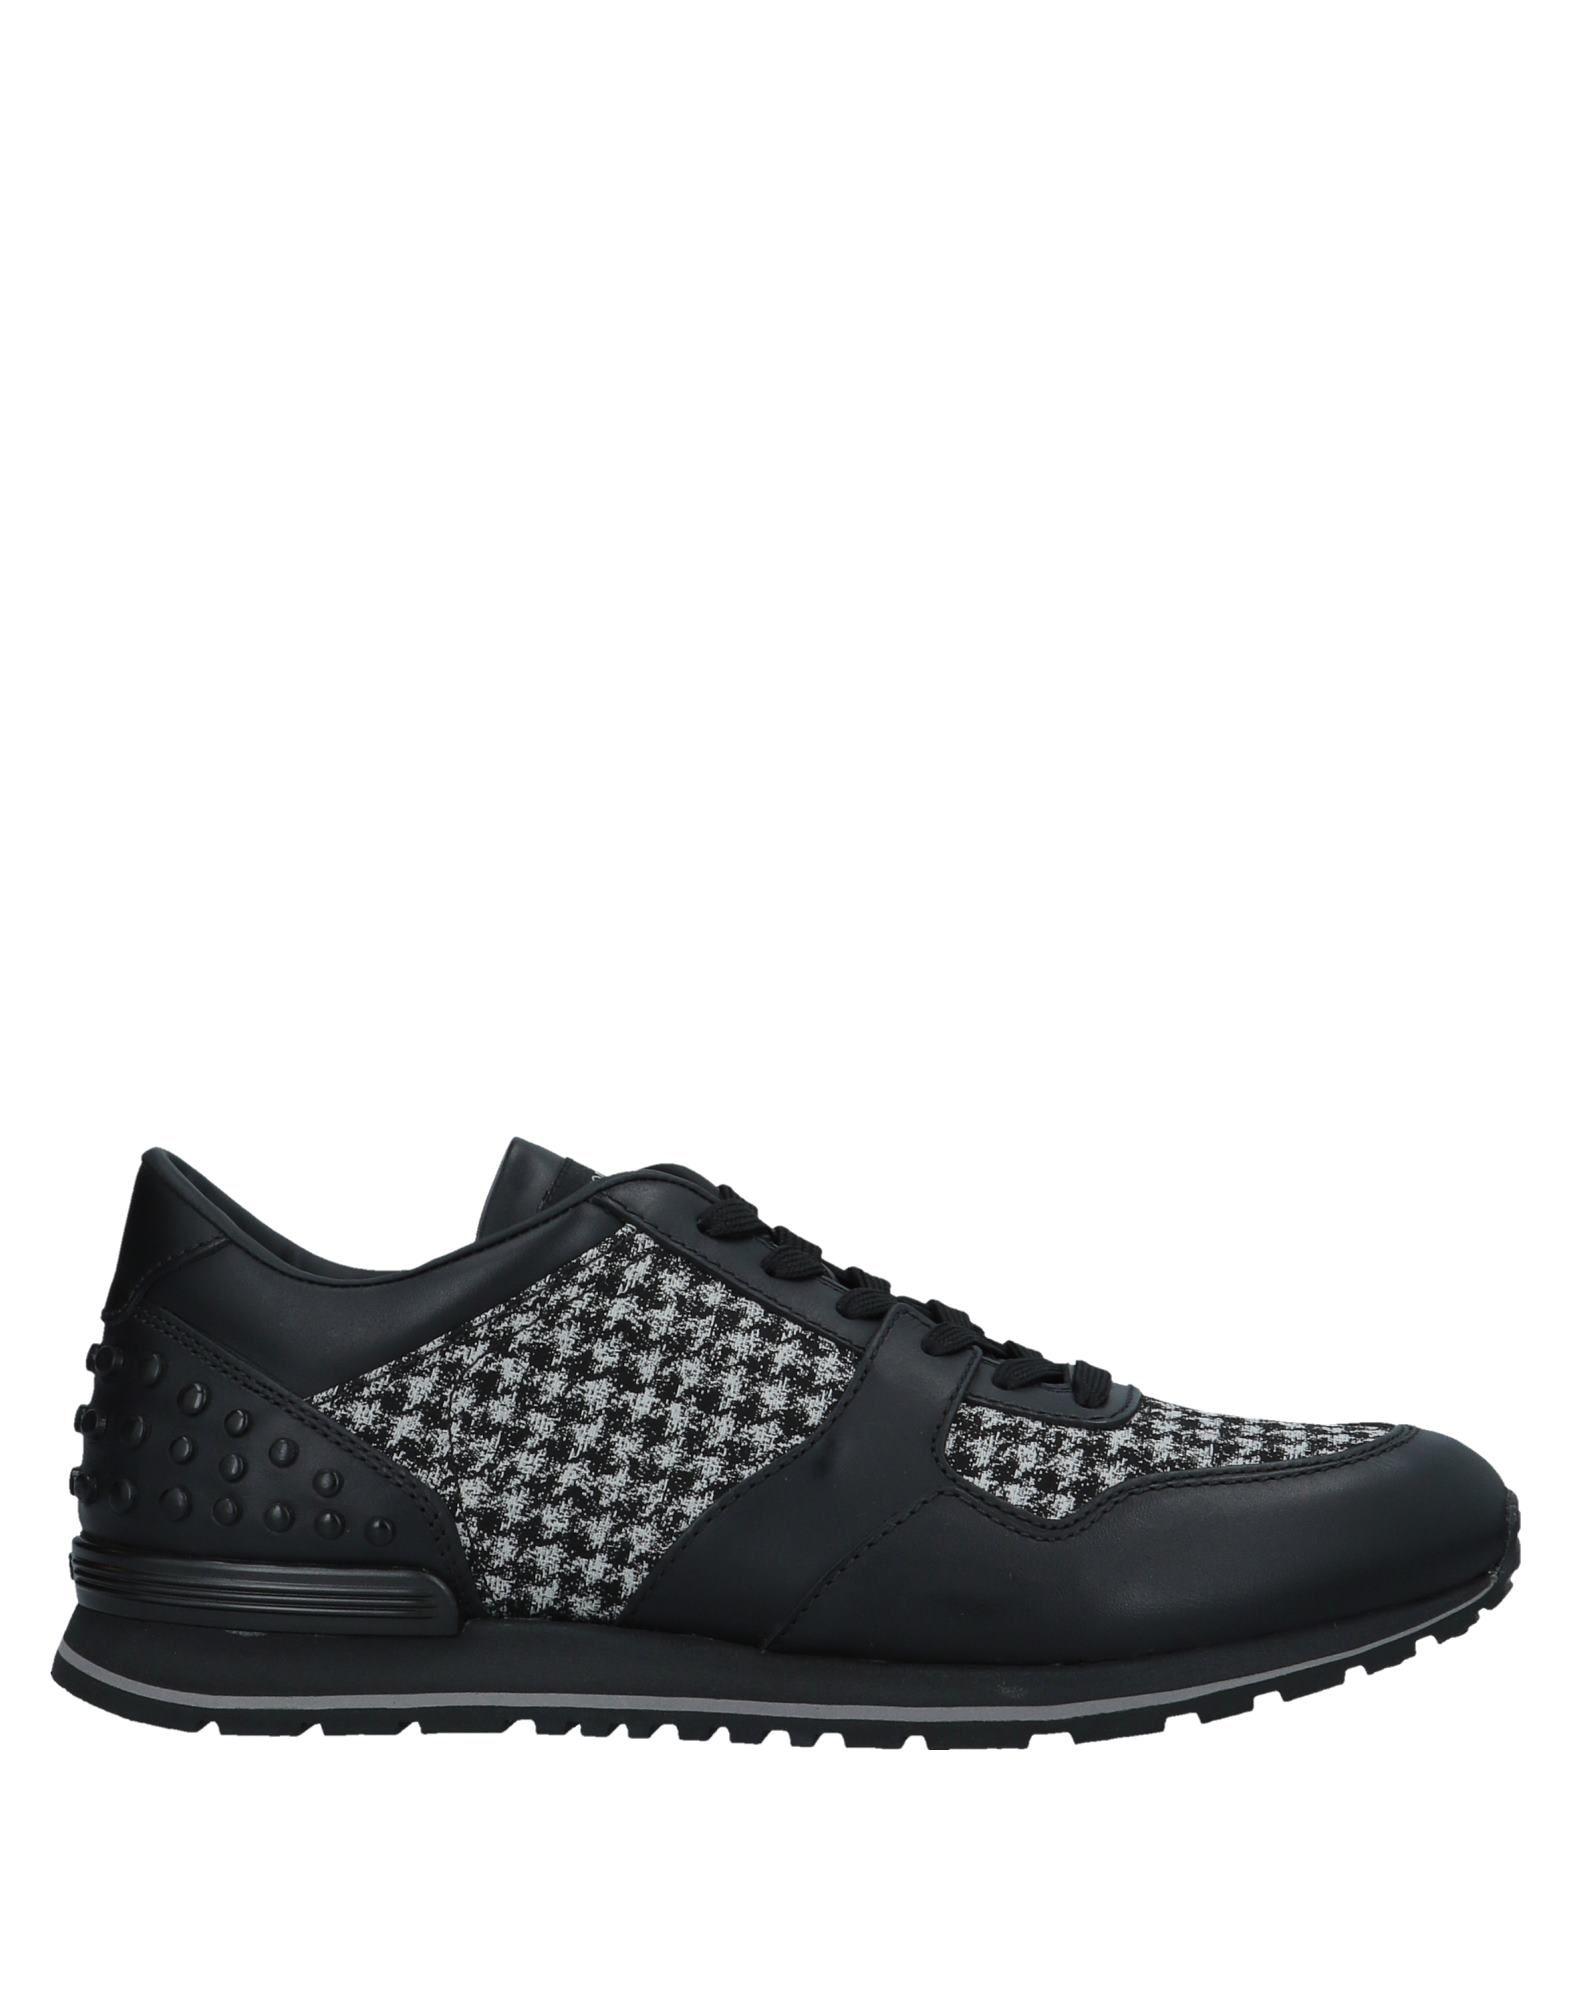 Tod's Sneakers Qualität Herren  11541337LU Gute Qualität Sneakers beliebte Schuhe 67b17c